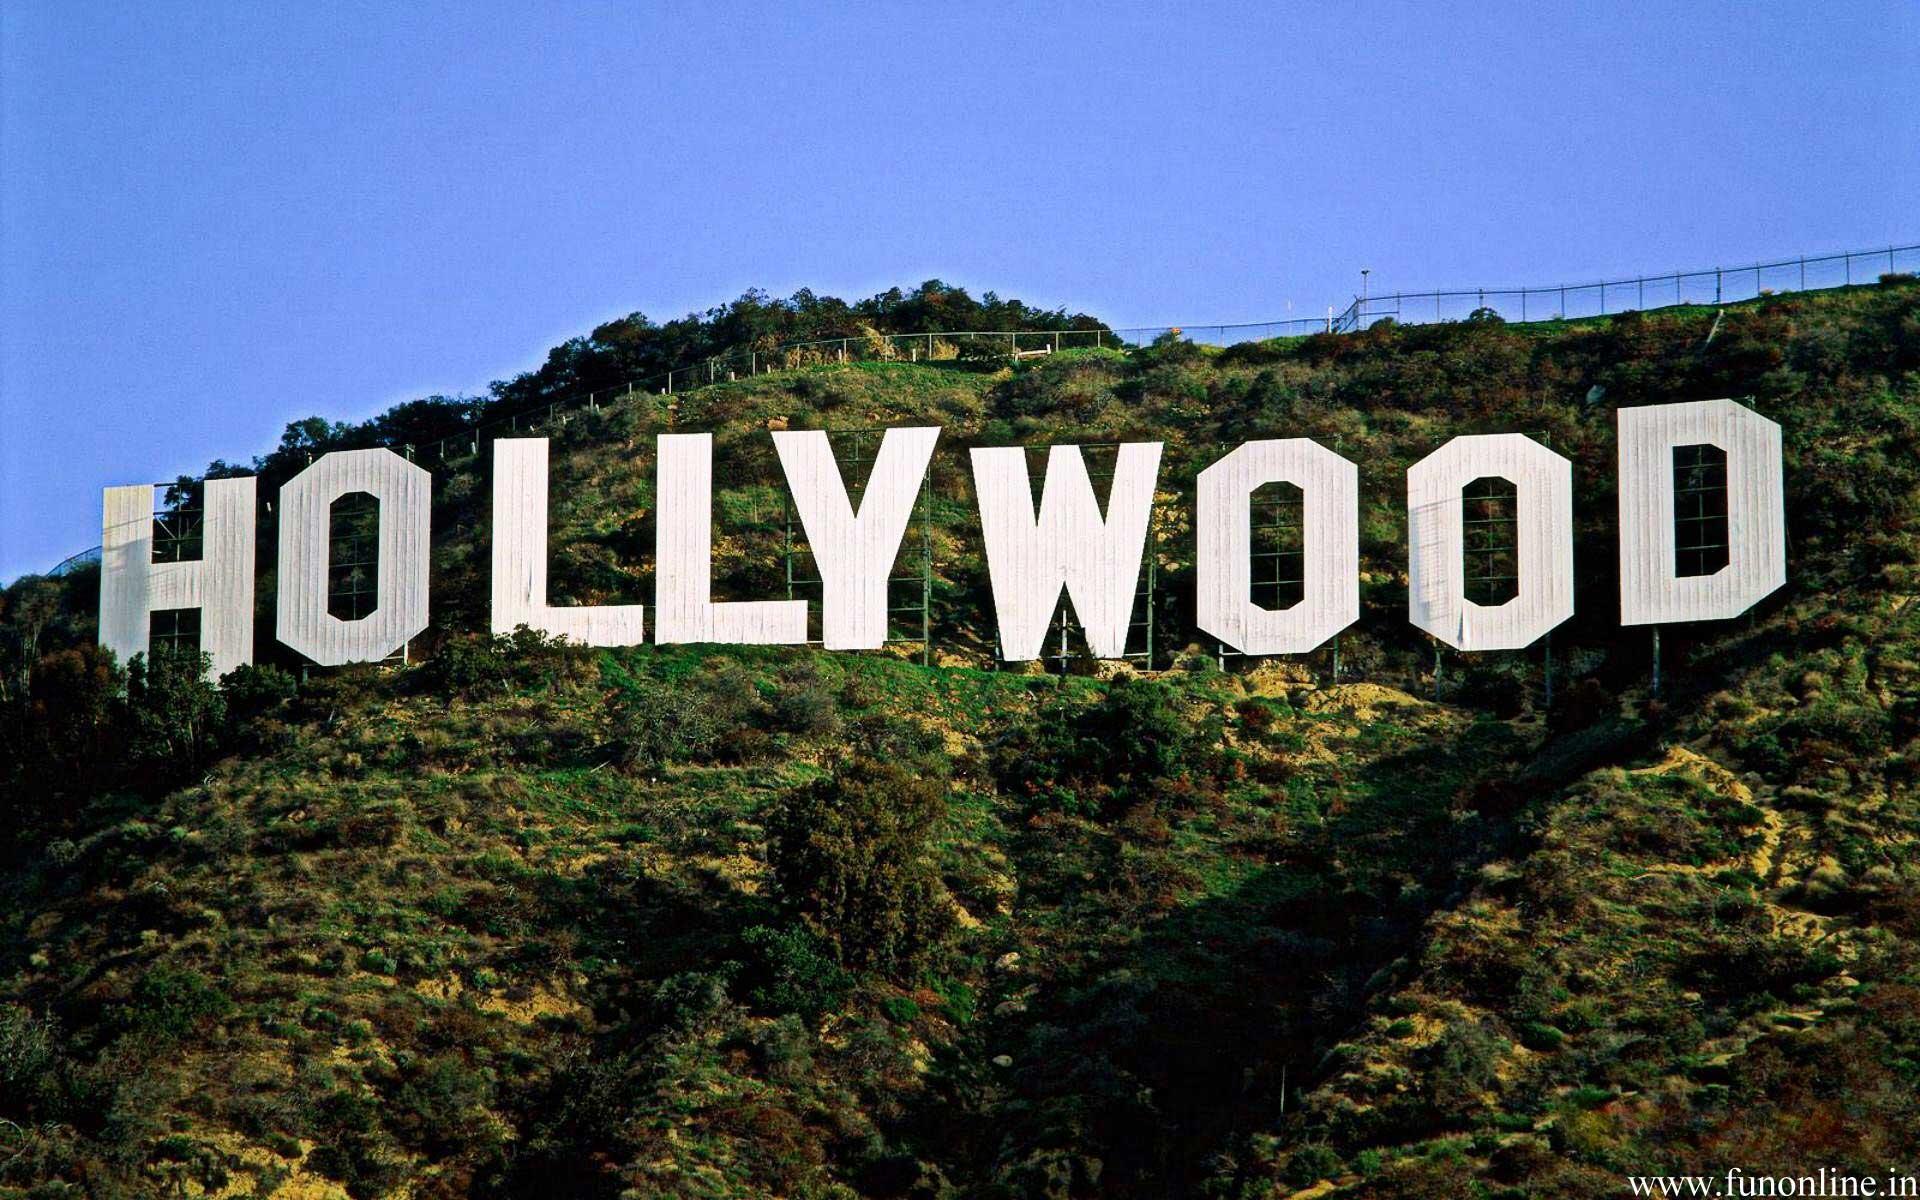 ארצות הברית טיול מחוף לחוף, לוס אנג'לס, שלט הוליווד